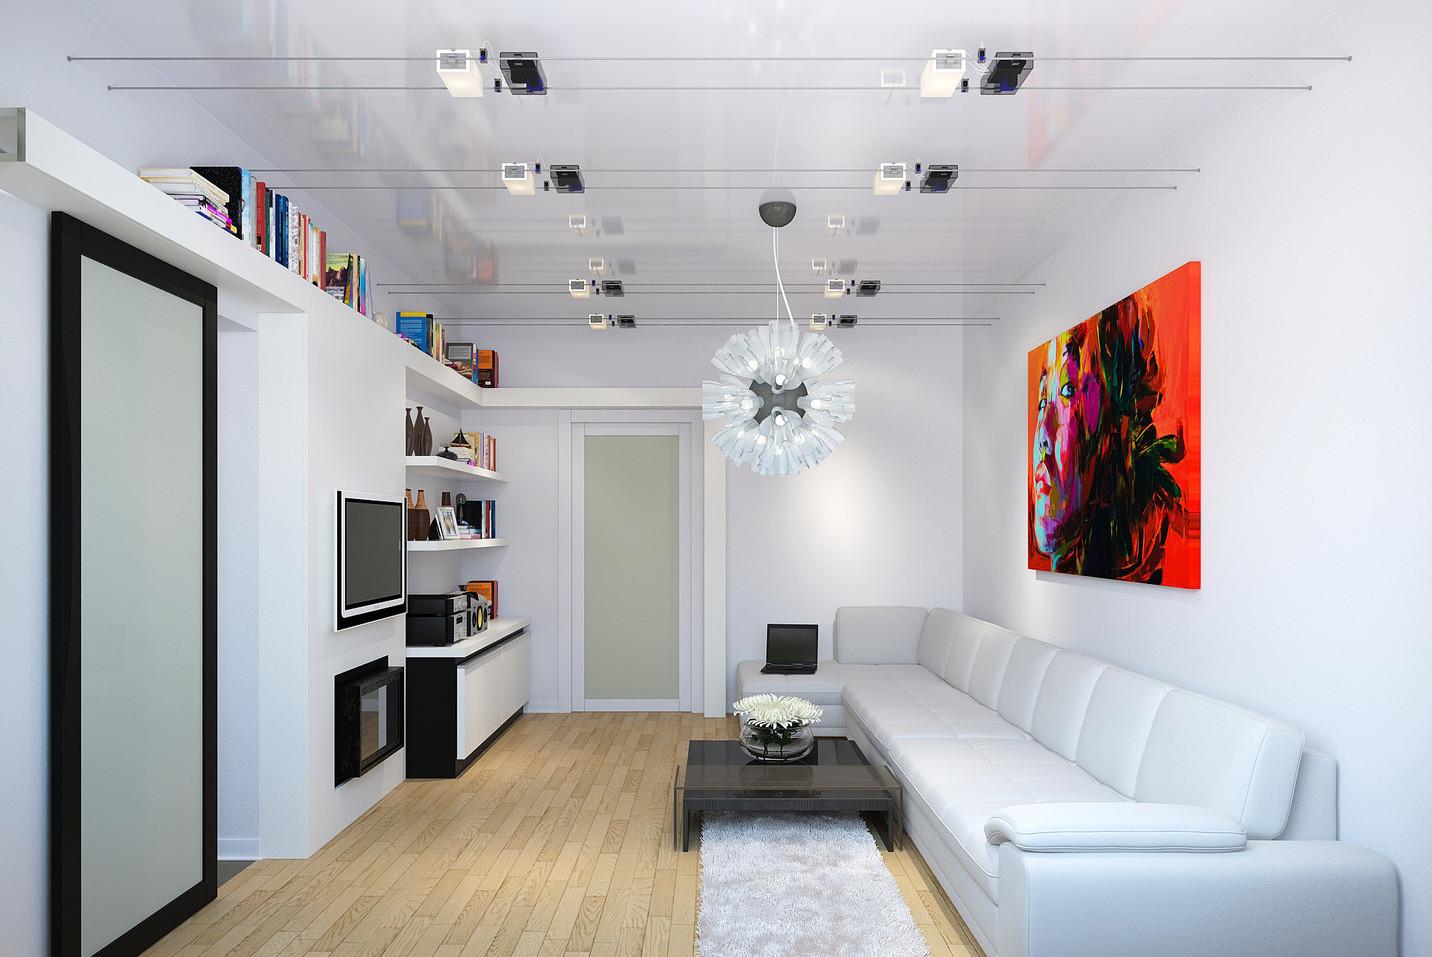 Papier Peint Petit Salon comment équiper l'intérieur du salon 12 m2?